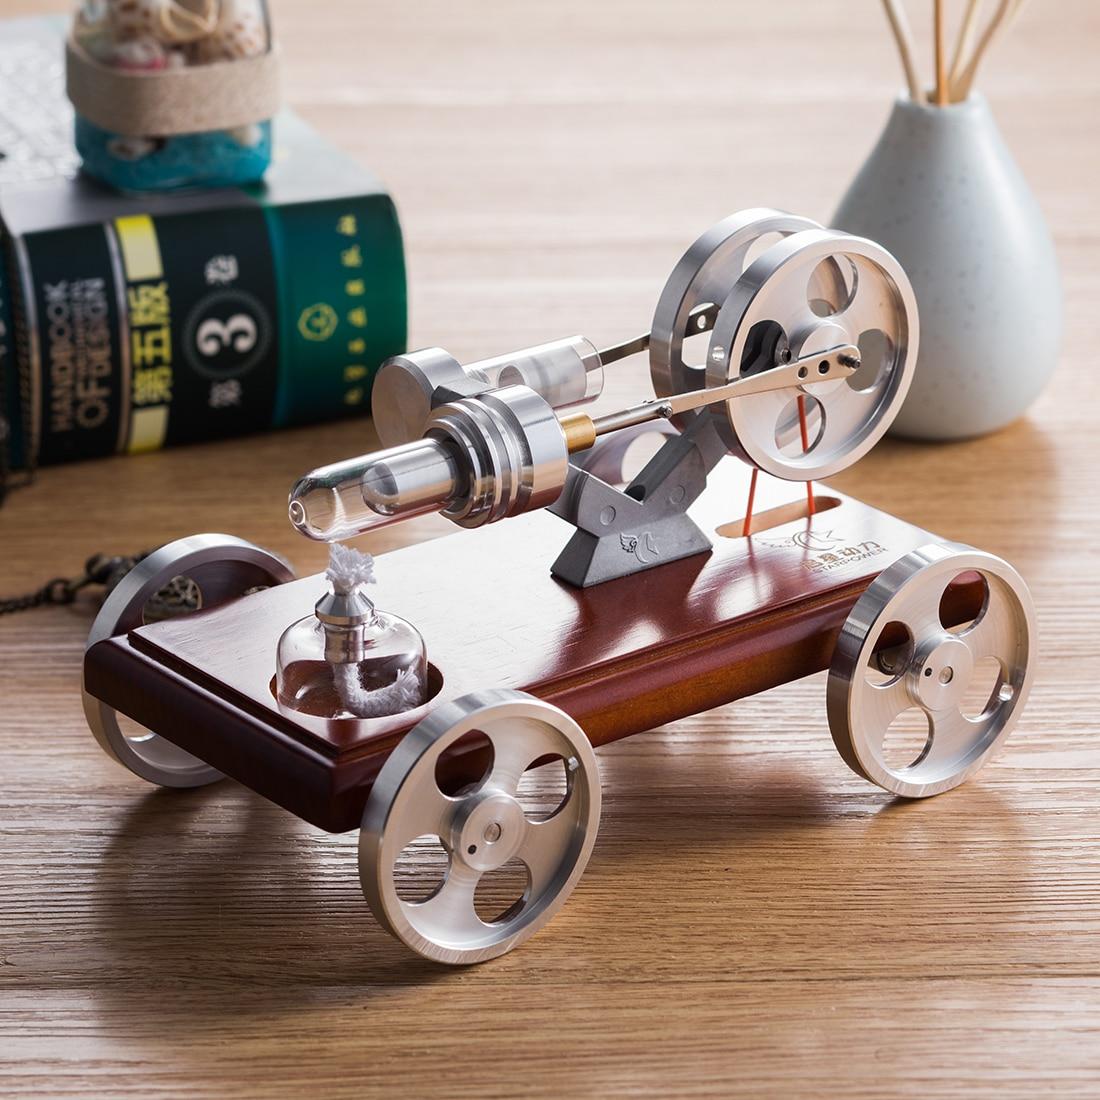 Children Educational Toys Solid Wood Baseplate DIY Stirling Engine Car Stem Steam Model Set for Kid Learning Science Gift